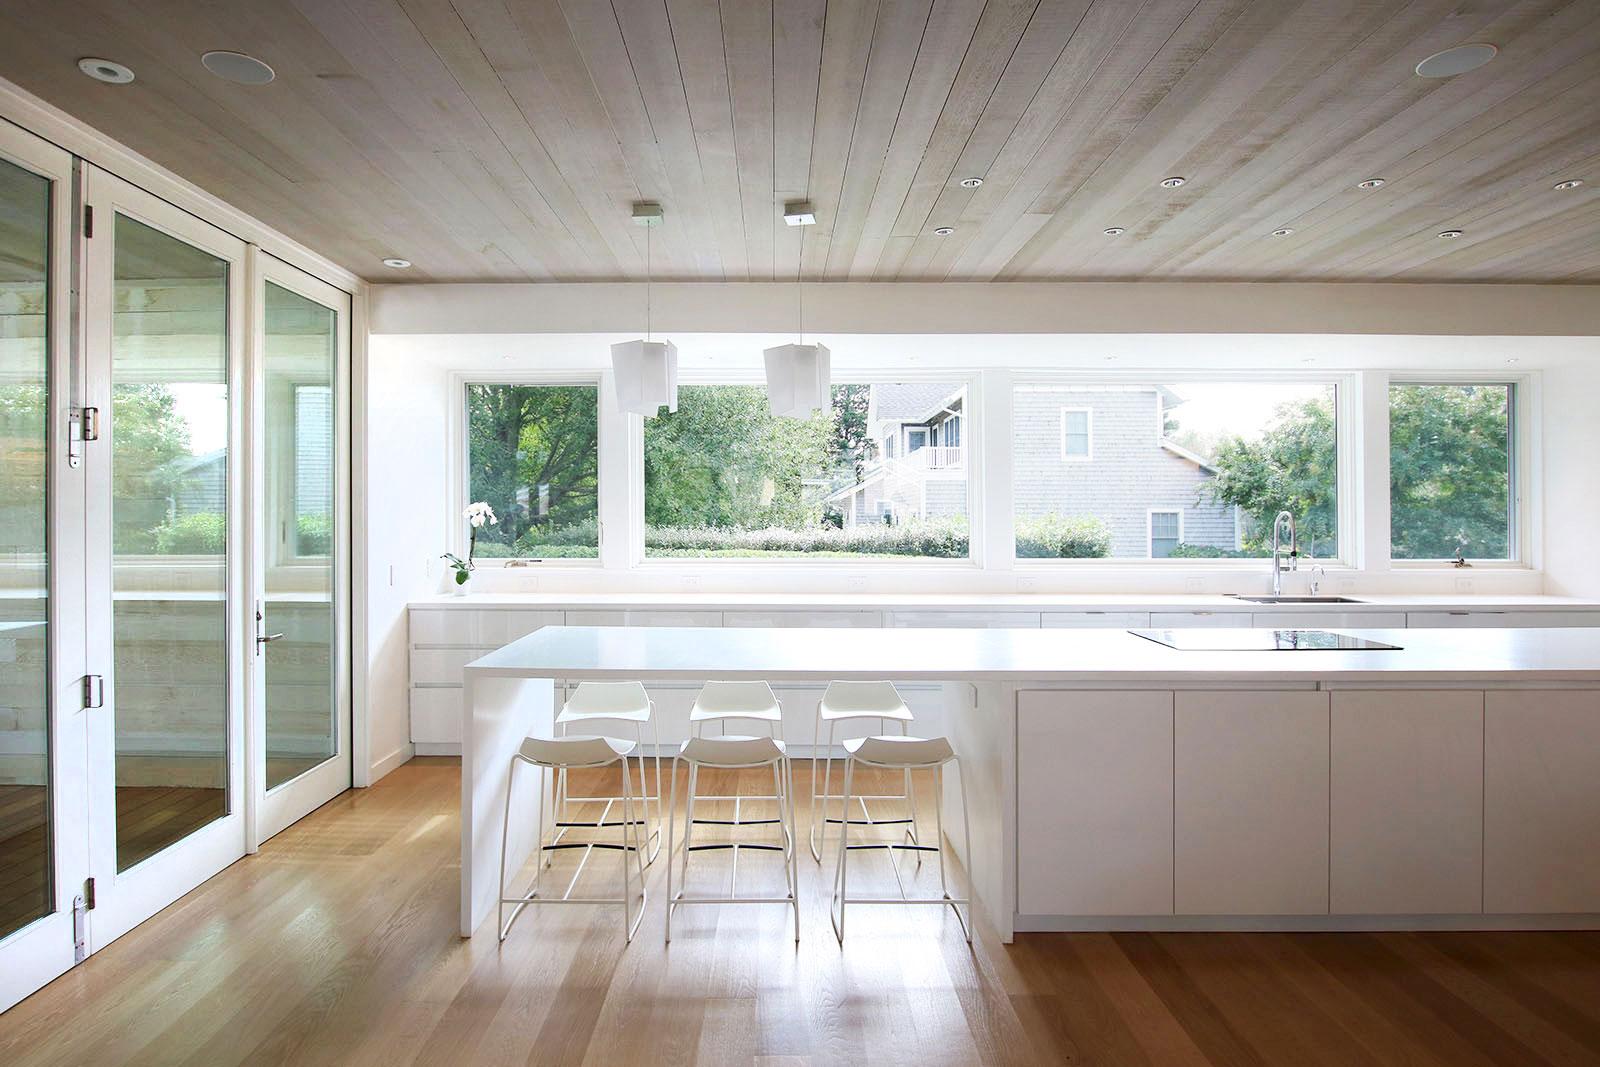 9-re4a-resolution-4-architecture-modern-modular-prefab-bridgehampton house-interior-kitchen-dining.jpg